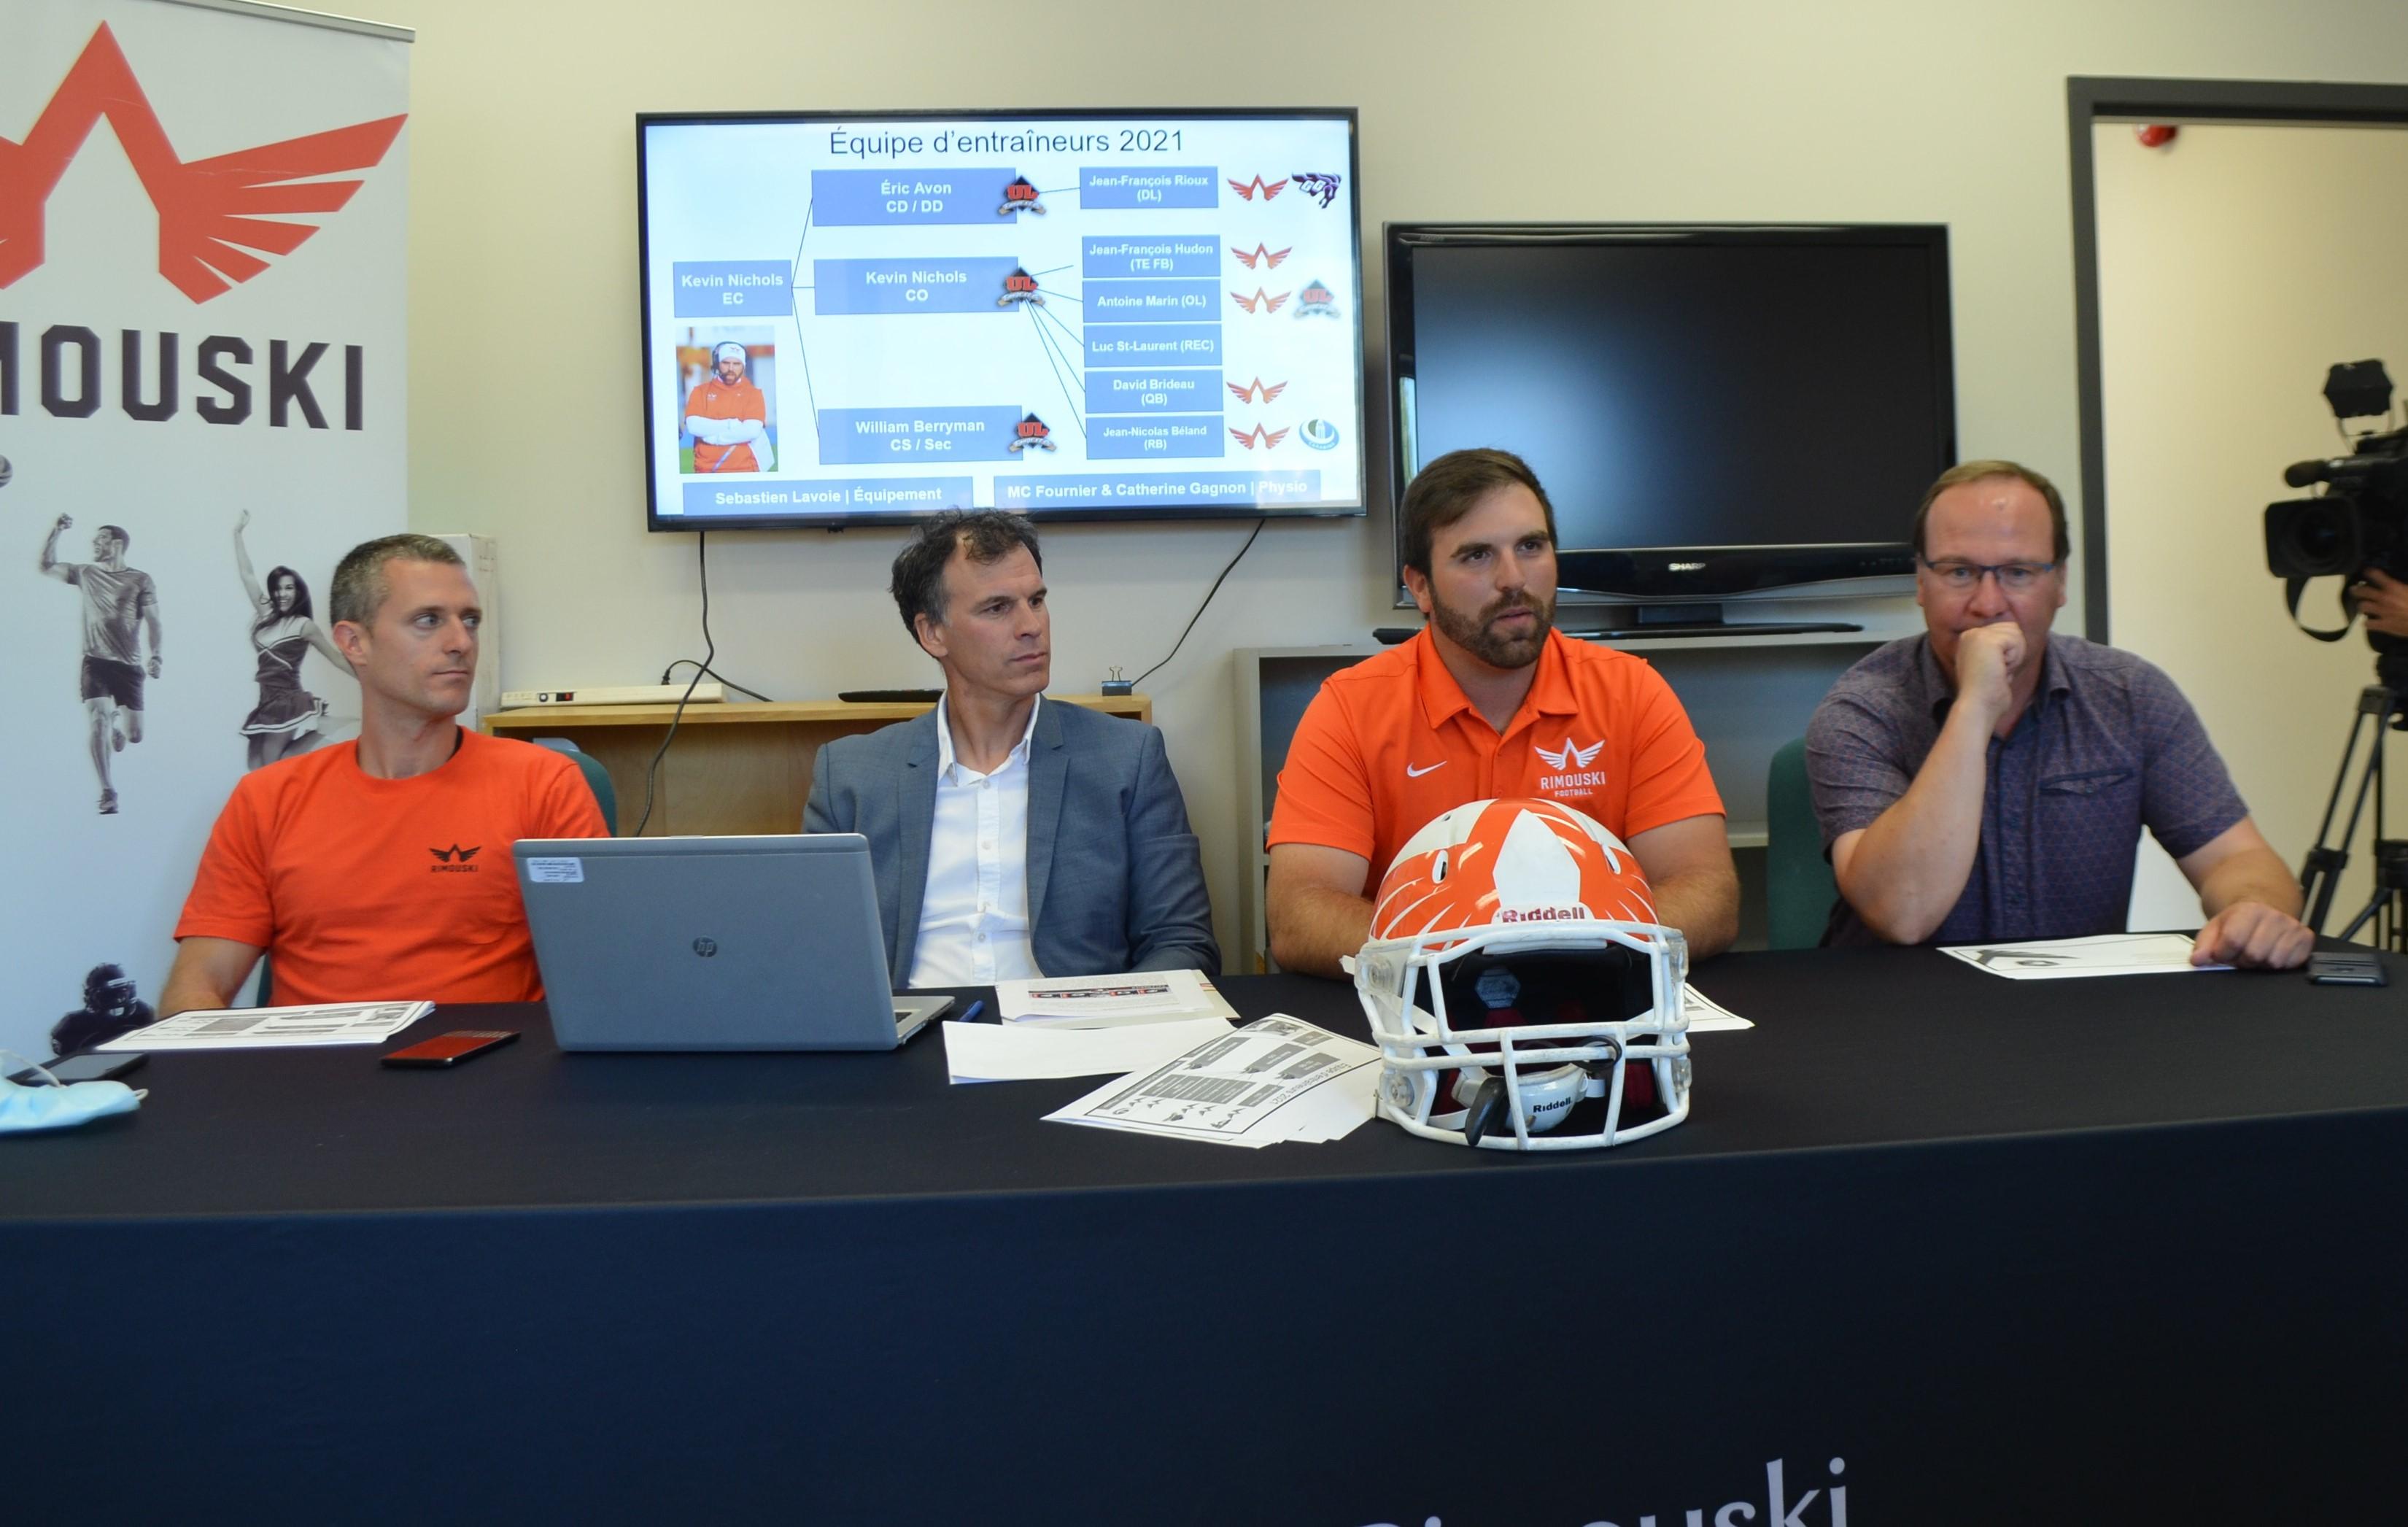 Maxime Ross, du Cégep de Rimouski; David Castonguay, président des Pionniers; Kevin Nichols, entraîneur-chef; et Jocelyn Pelletier, administrateur.